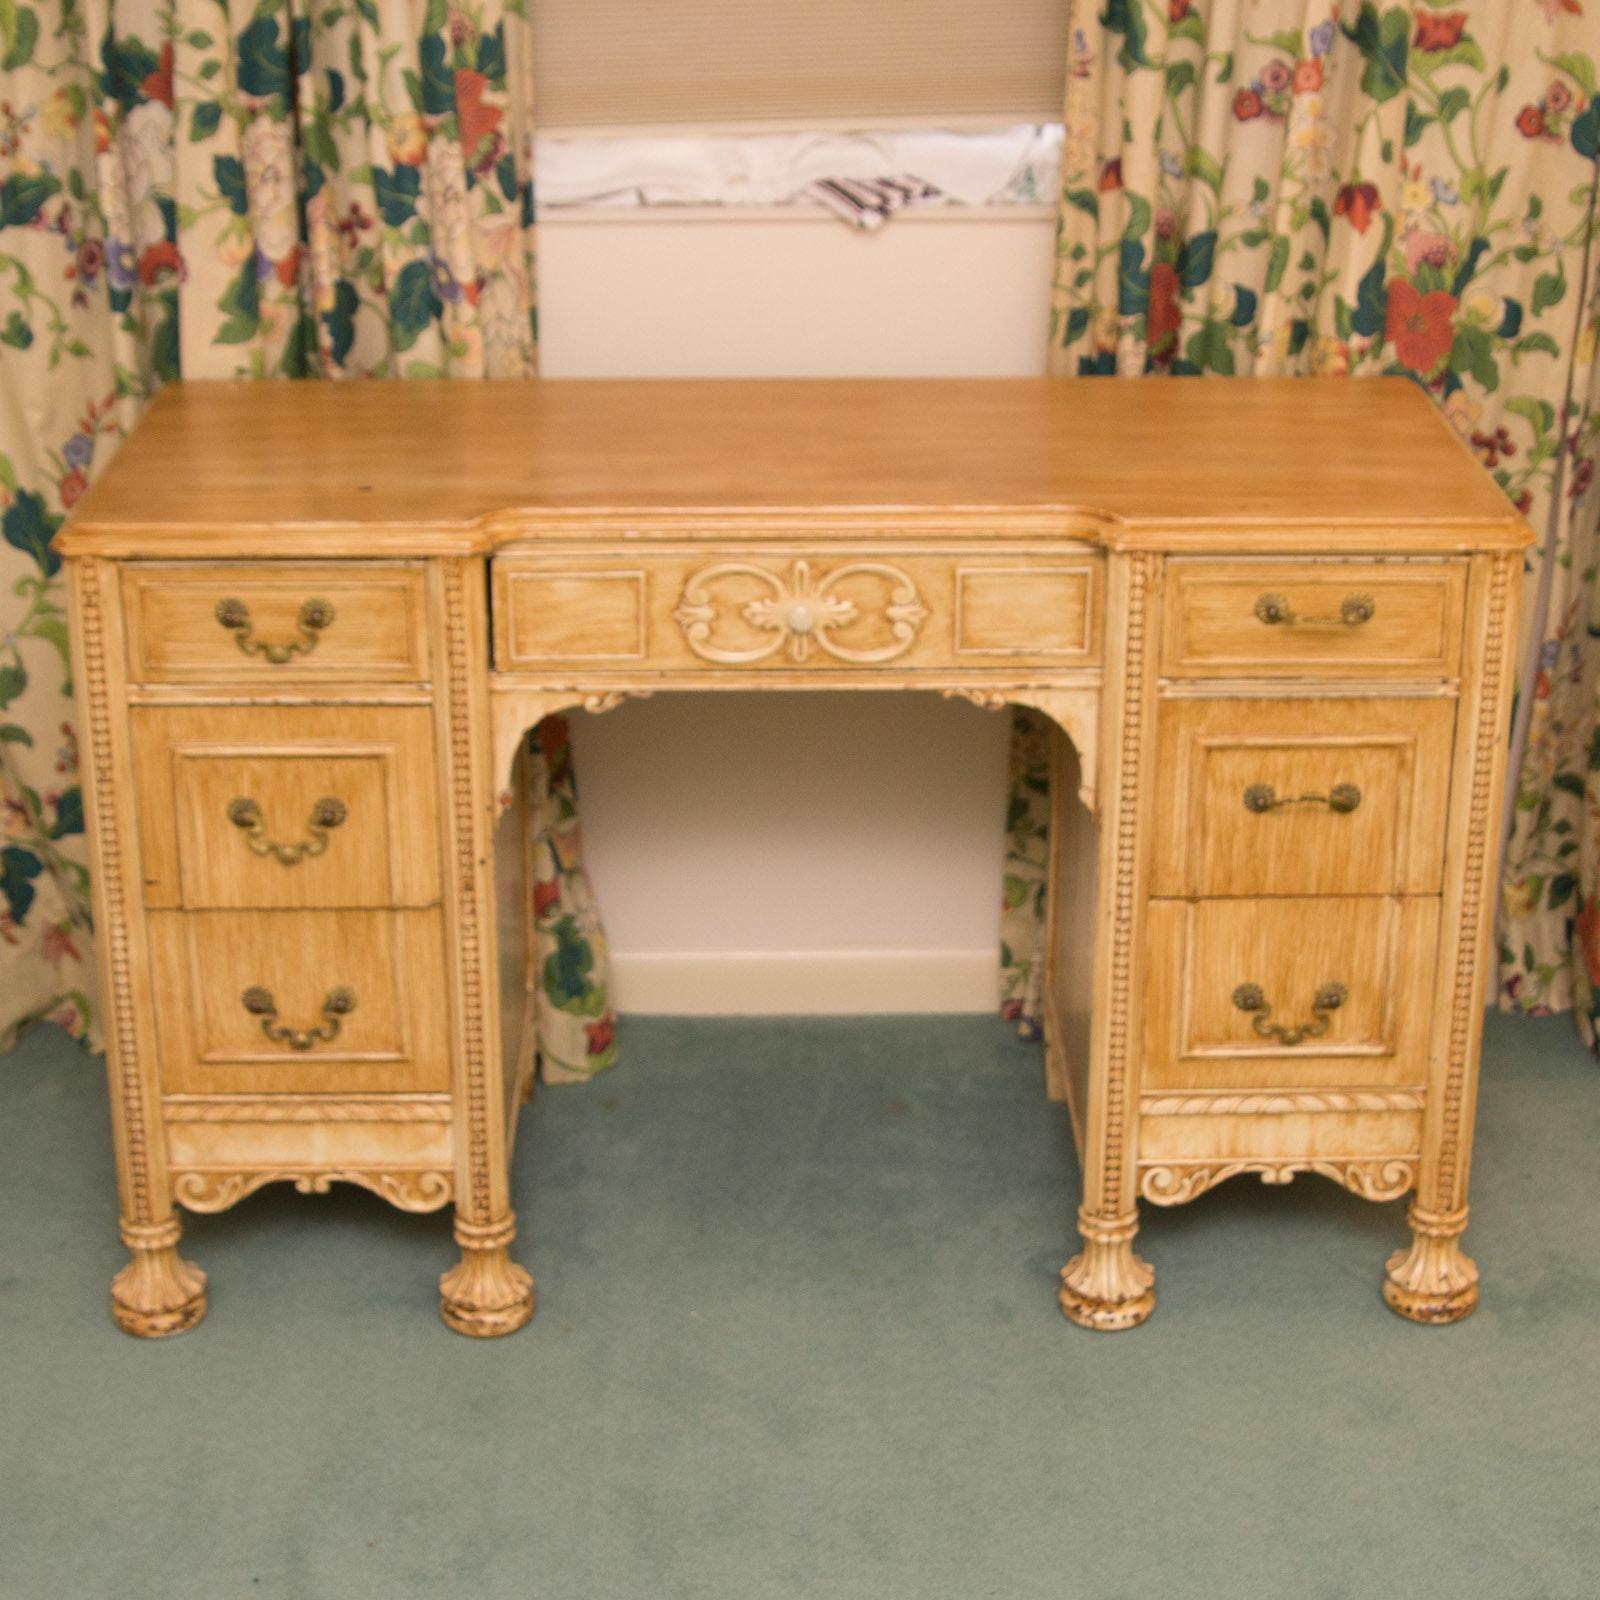 Vintage Light Blonde Coloured Wooden Desk